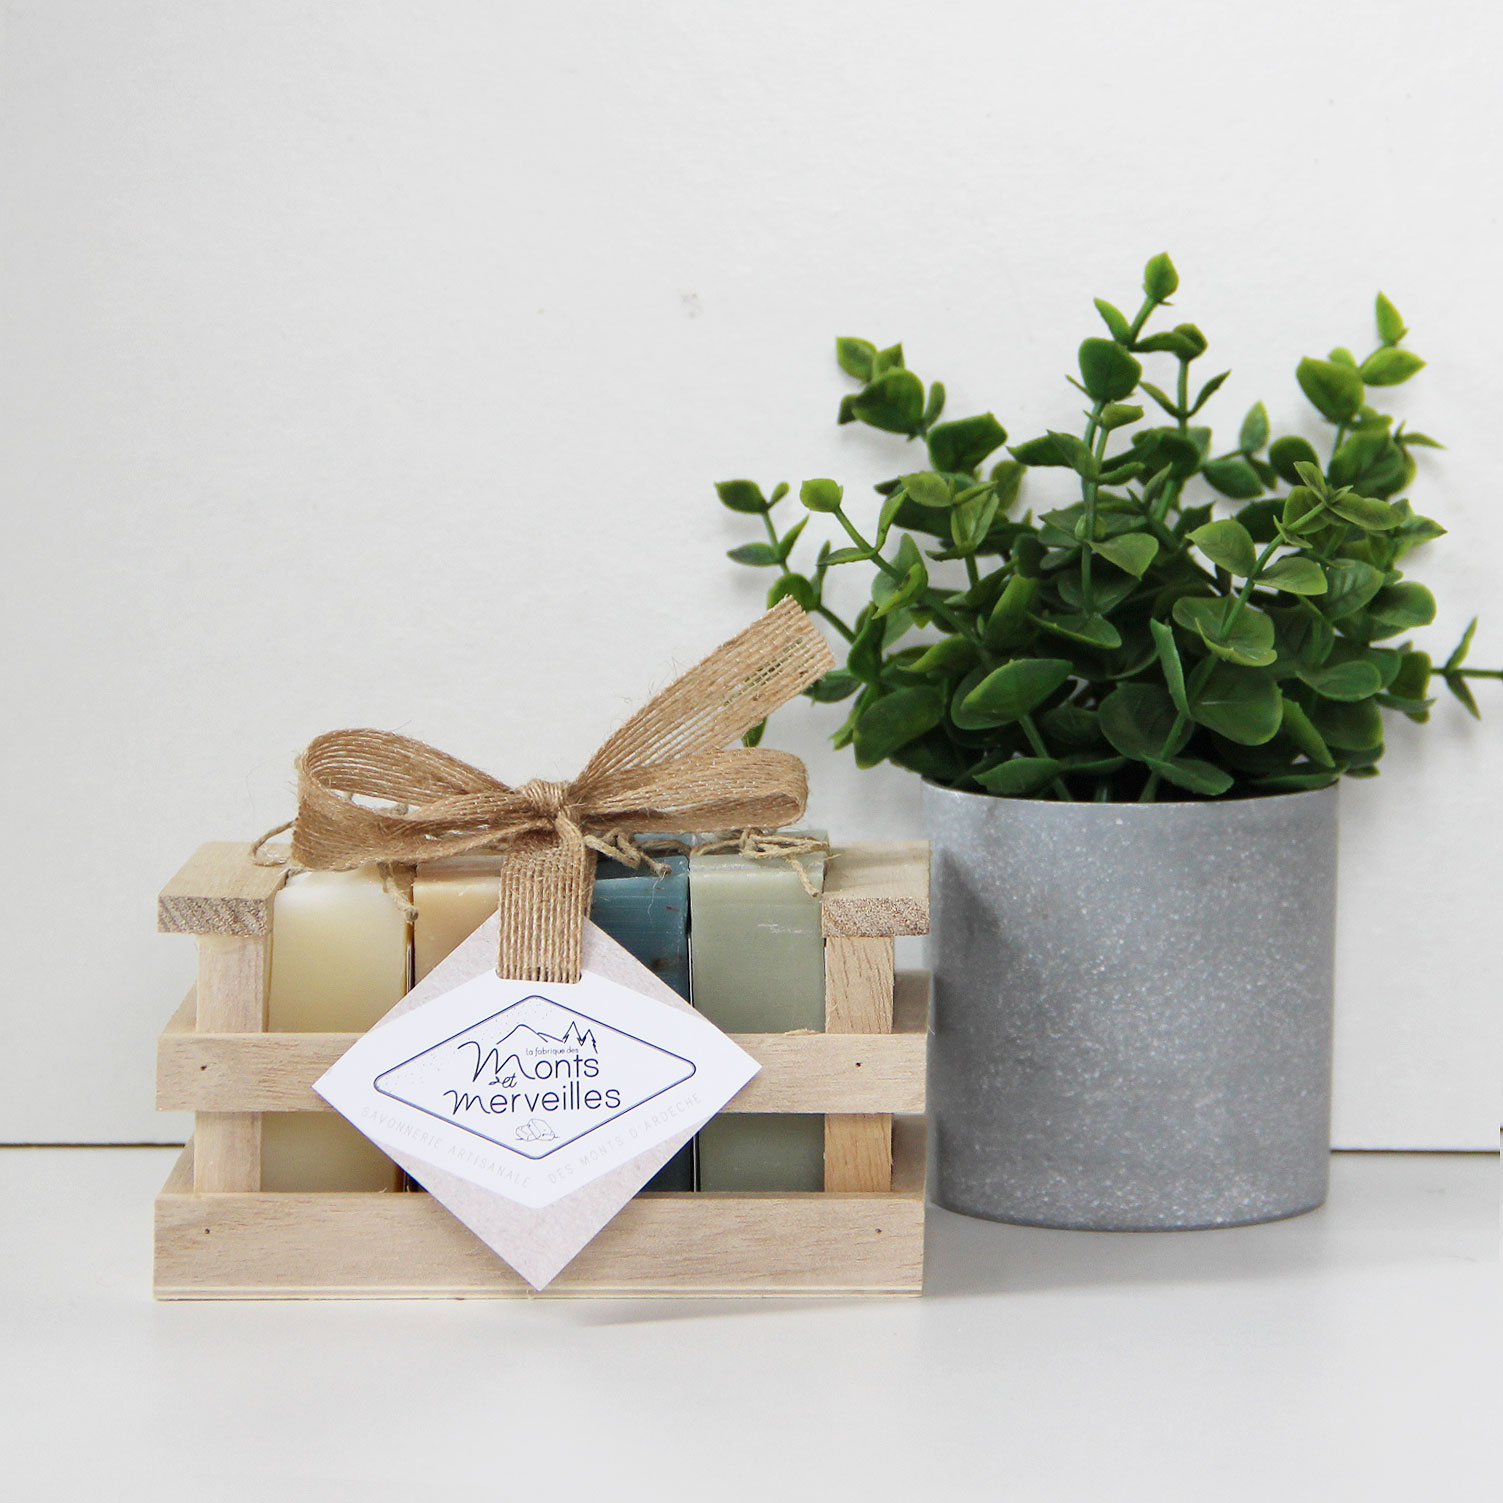 coffret cadeau corbeille bois savons